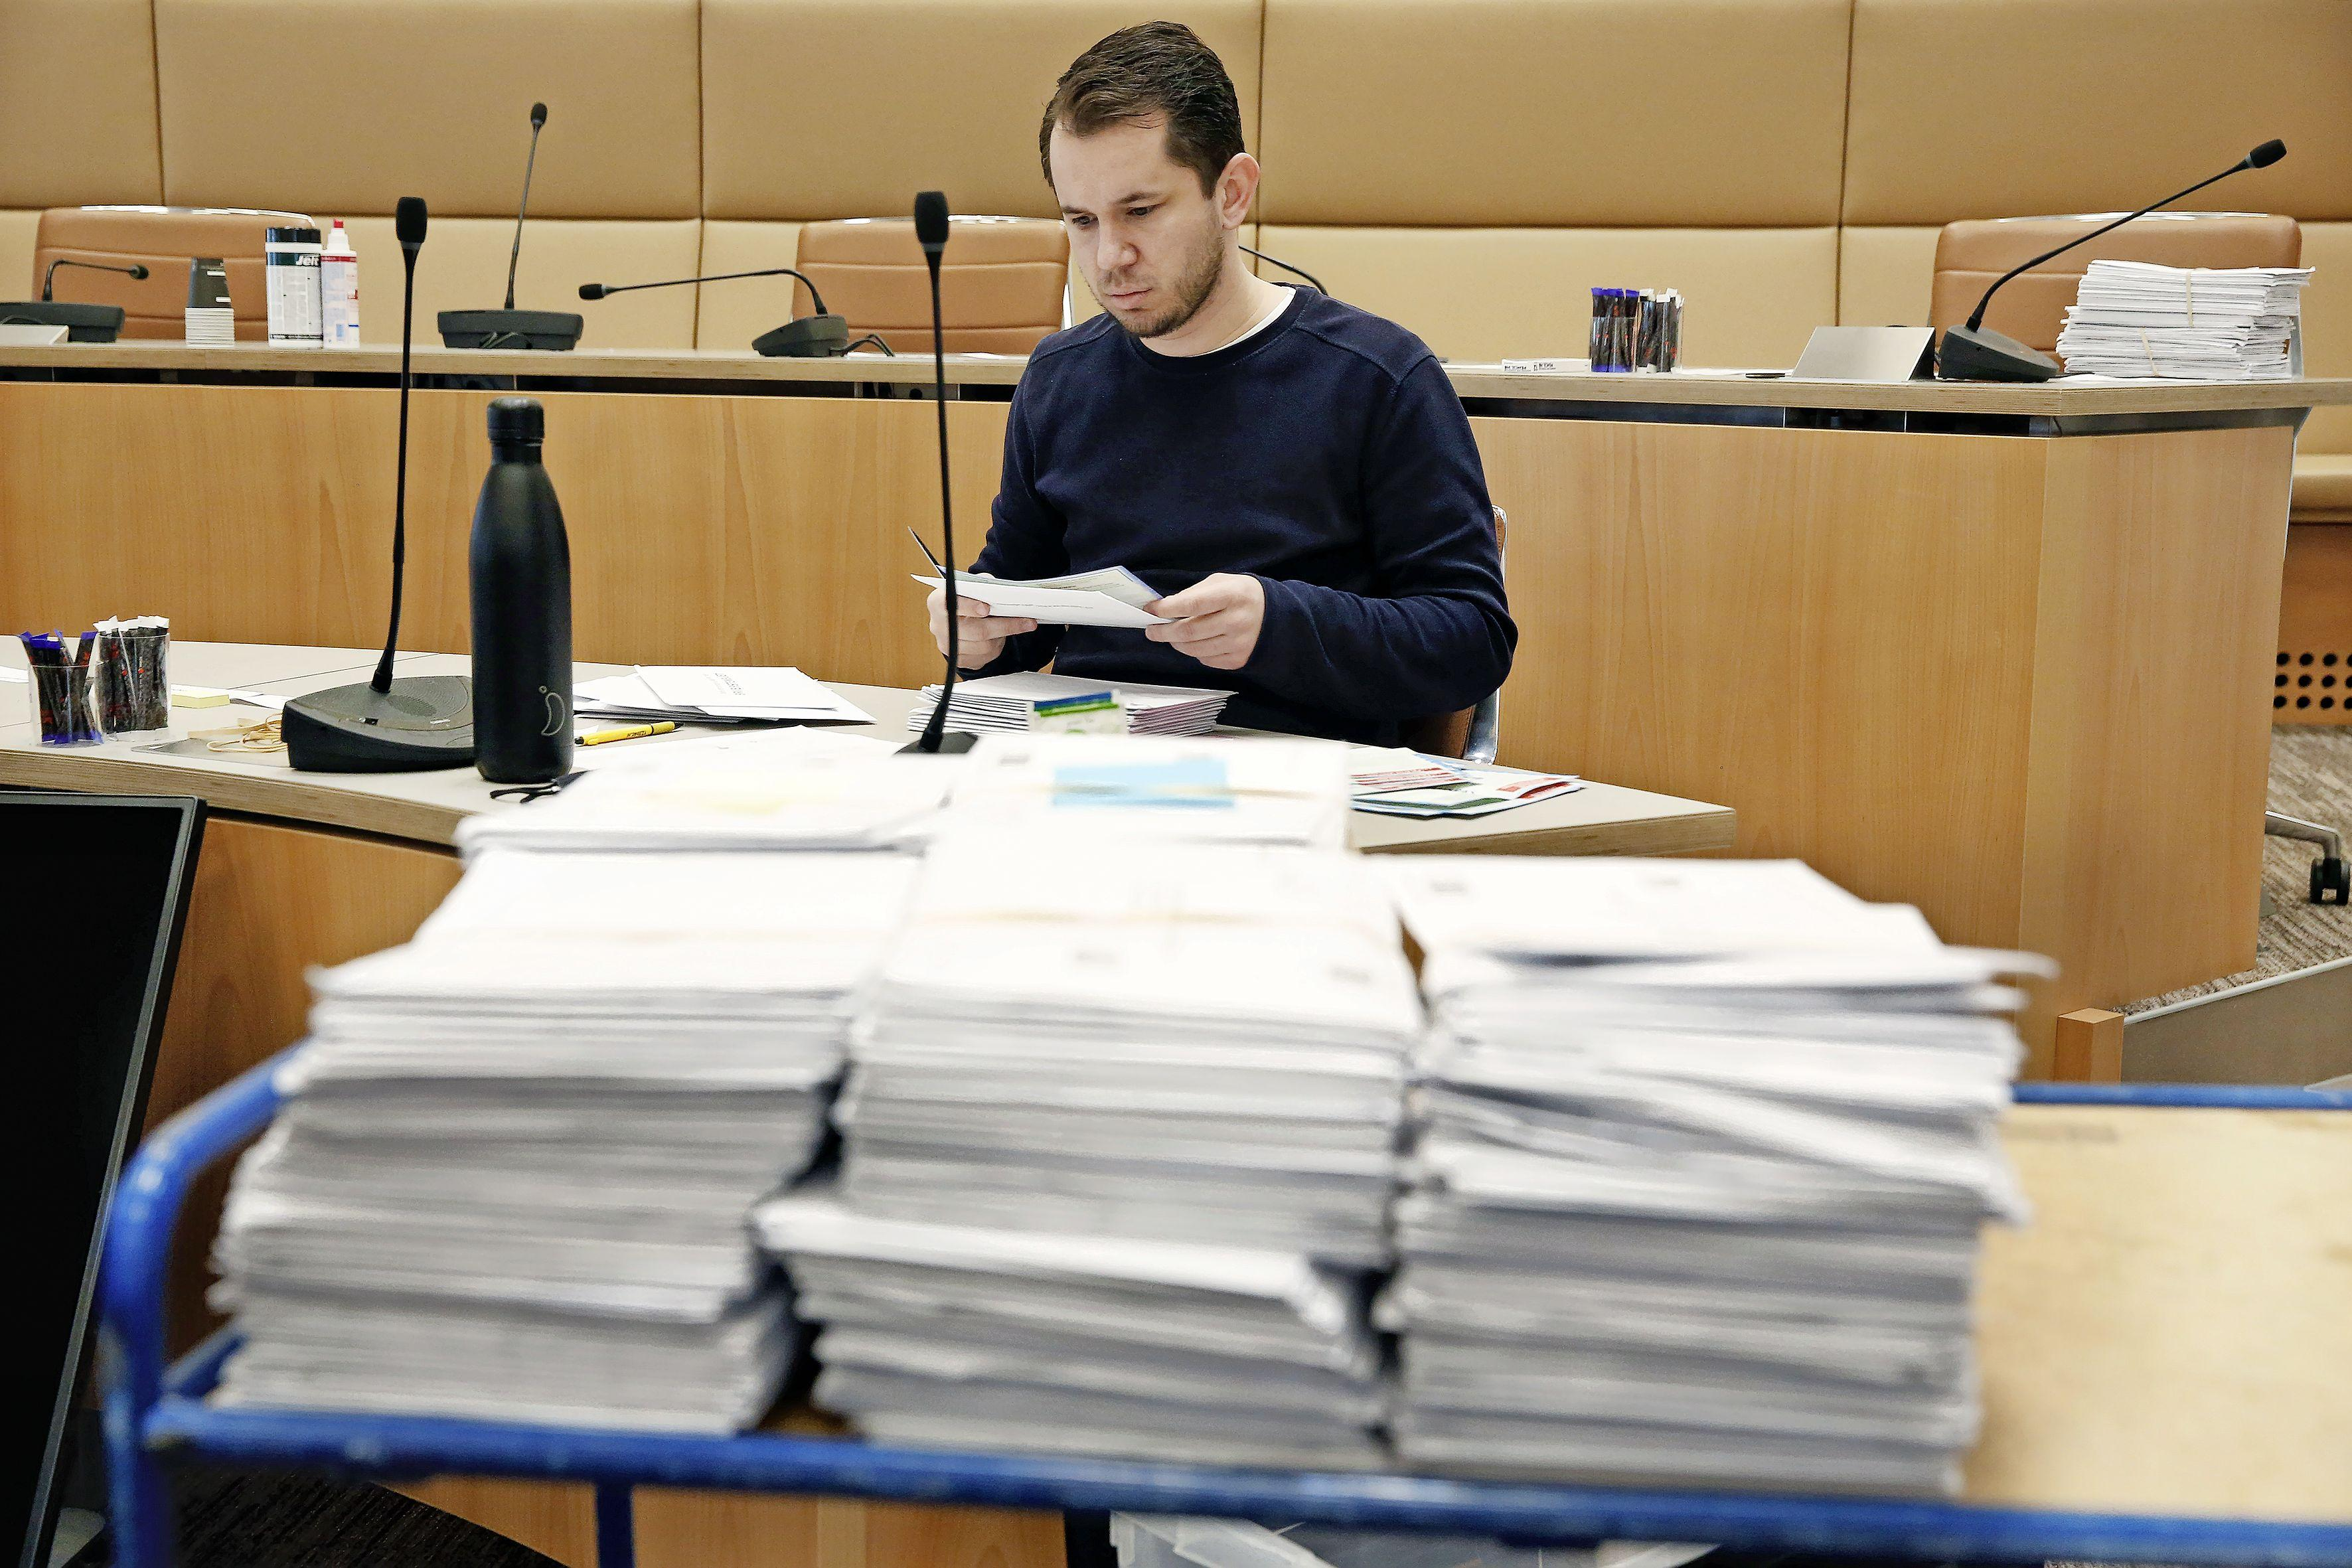 Gooi houdt gelijke tred met landelijke 'foutstemmers', door aanpassing regels nog maar zo'n twee procent van briefstemmen ongeldig